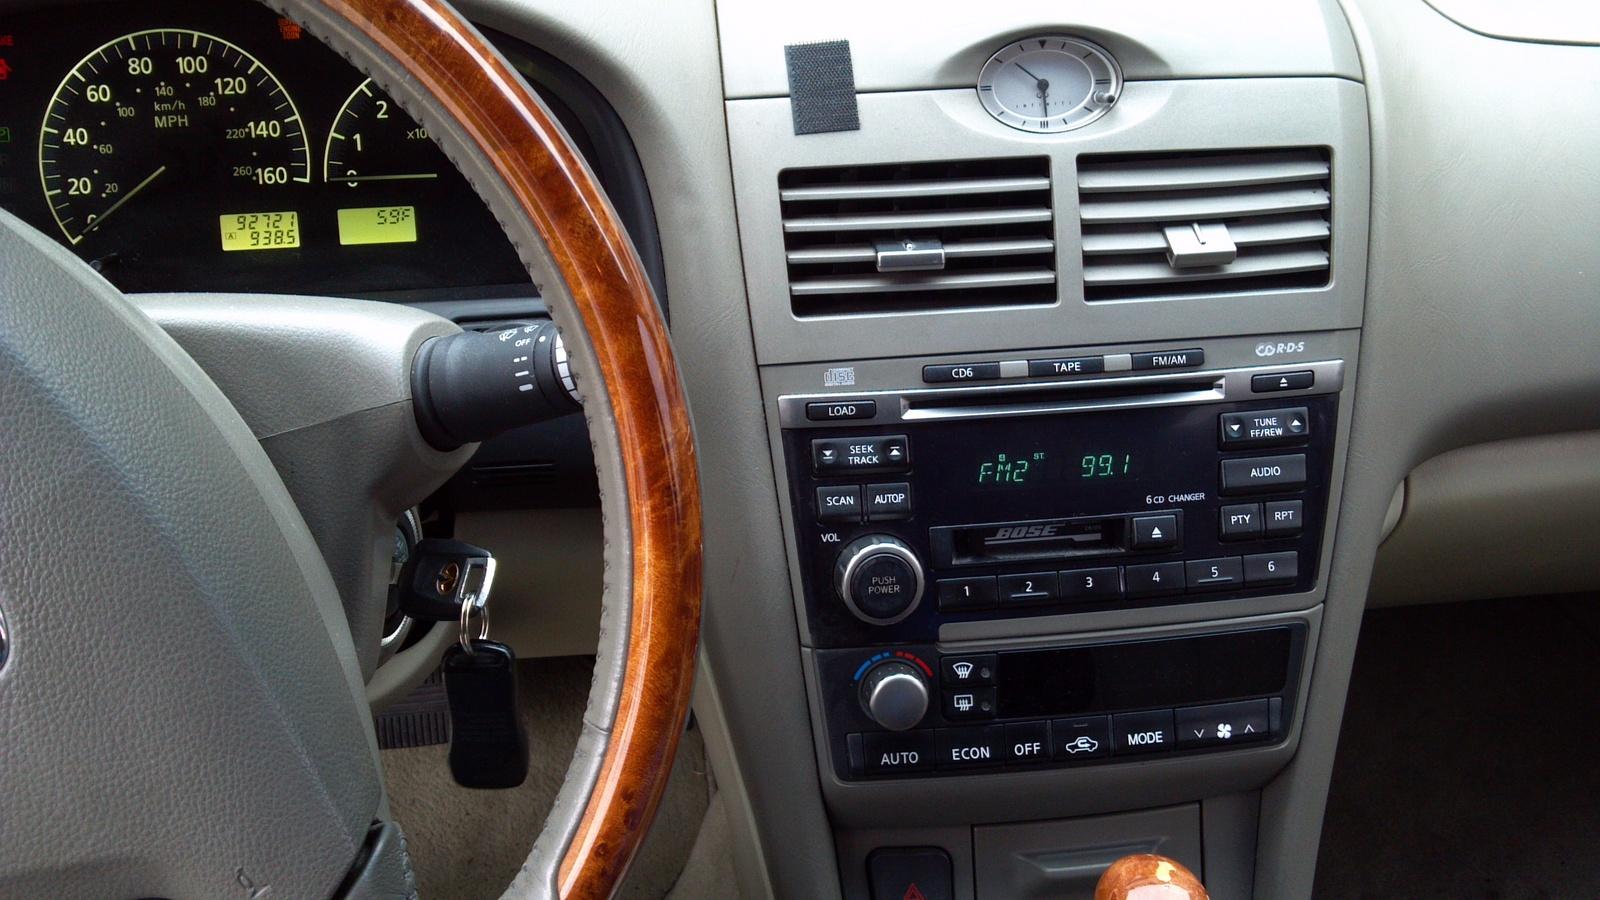 2002 Infiniti I35 Interior Pictures Cargurus